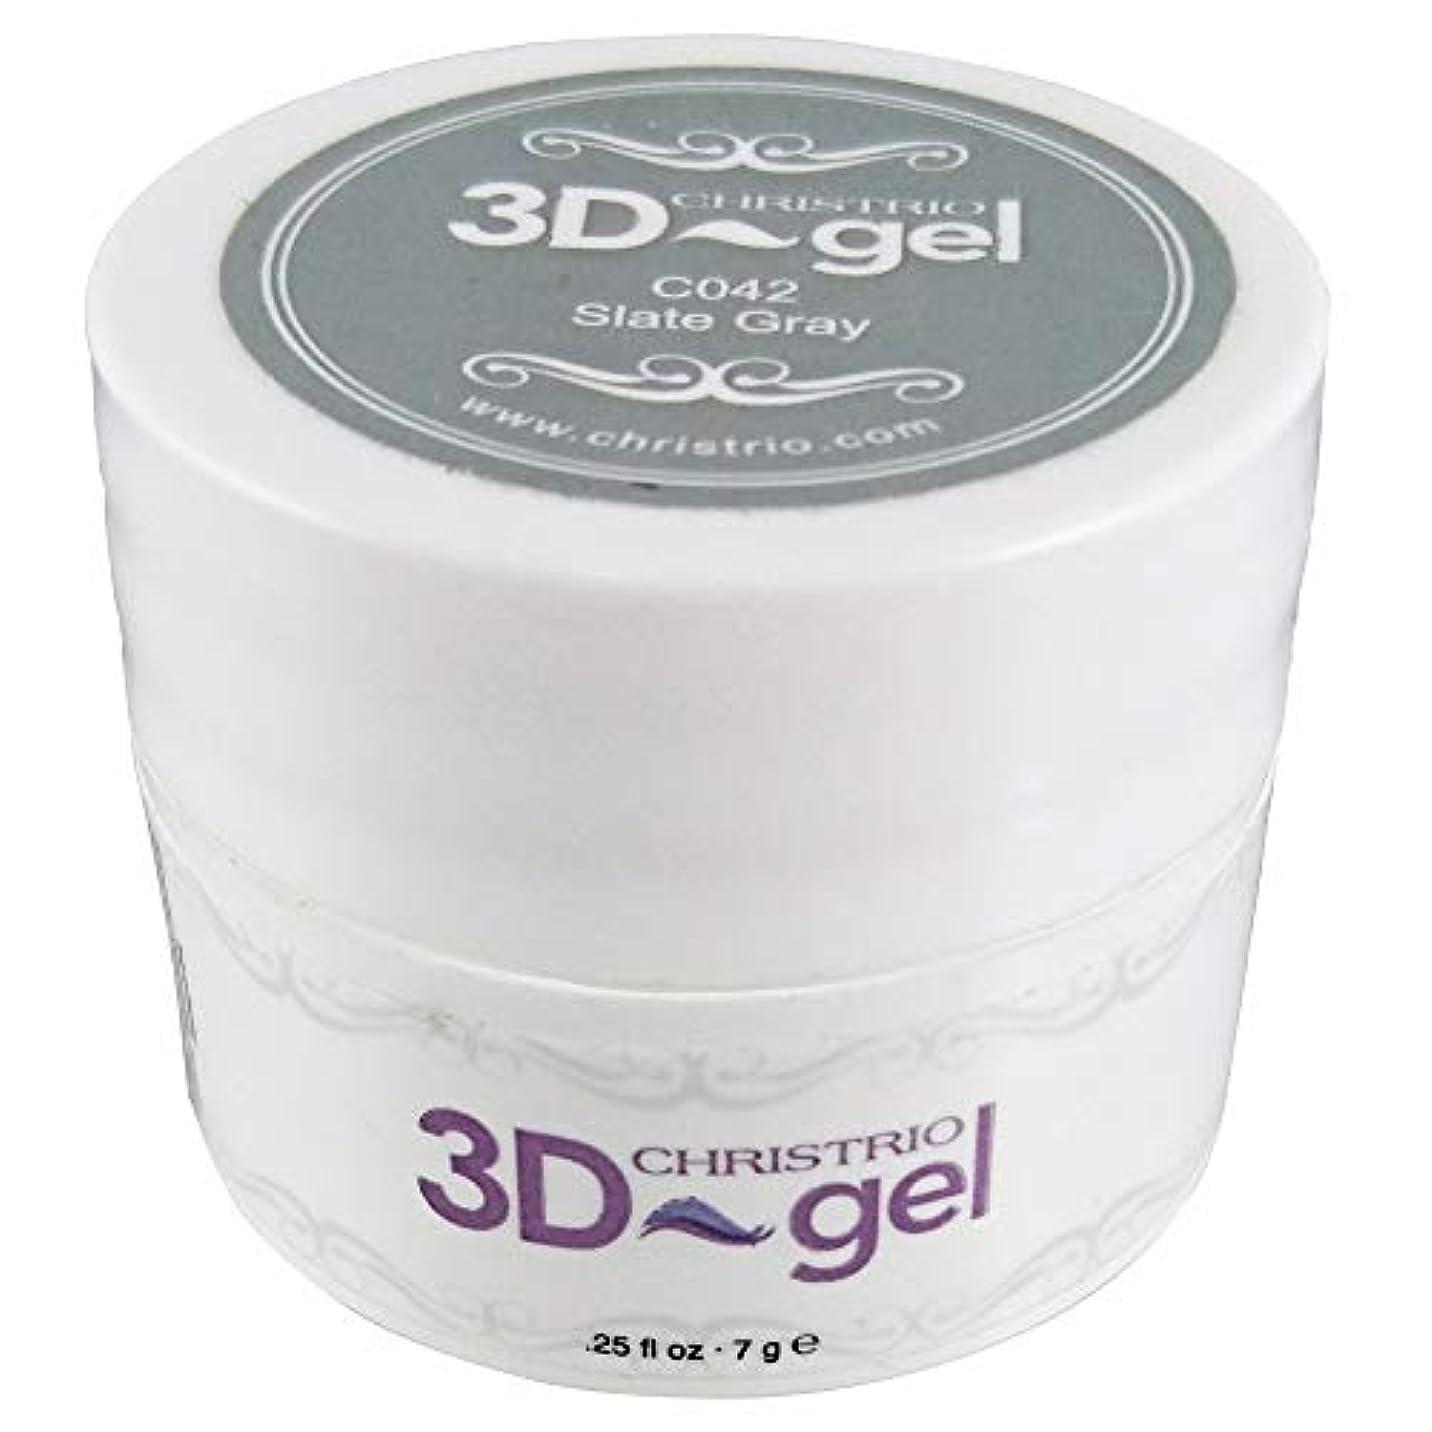 ローブ顕微鏡付与CHRISTRIO 3Dジェル 7g C042 スレートグレイ